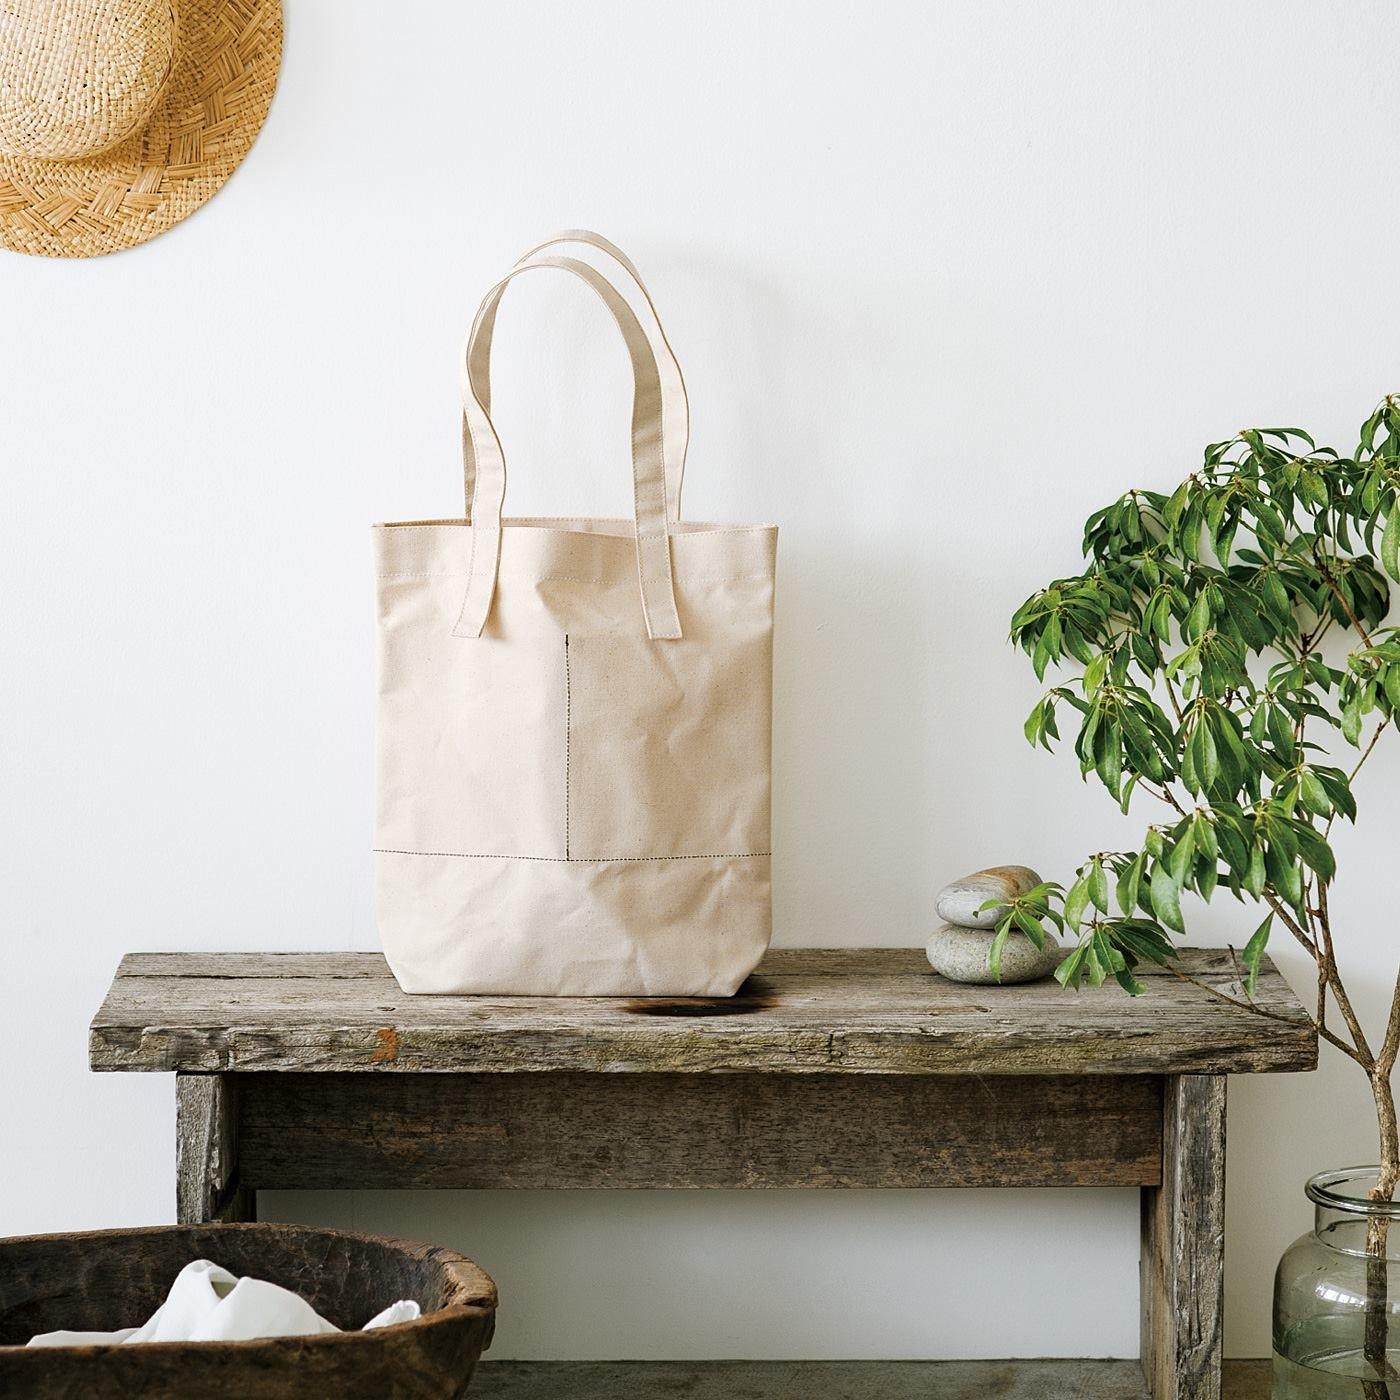 素材の表情を楽しむ ロウ引き倉敷帆布の2ポケットトートバッグ